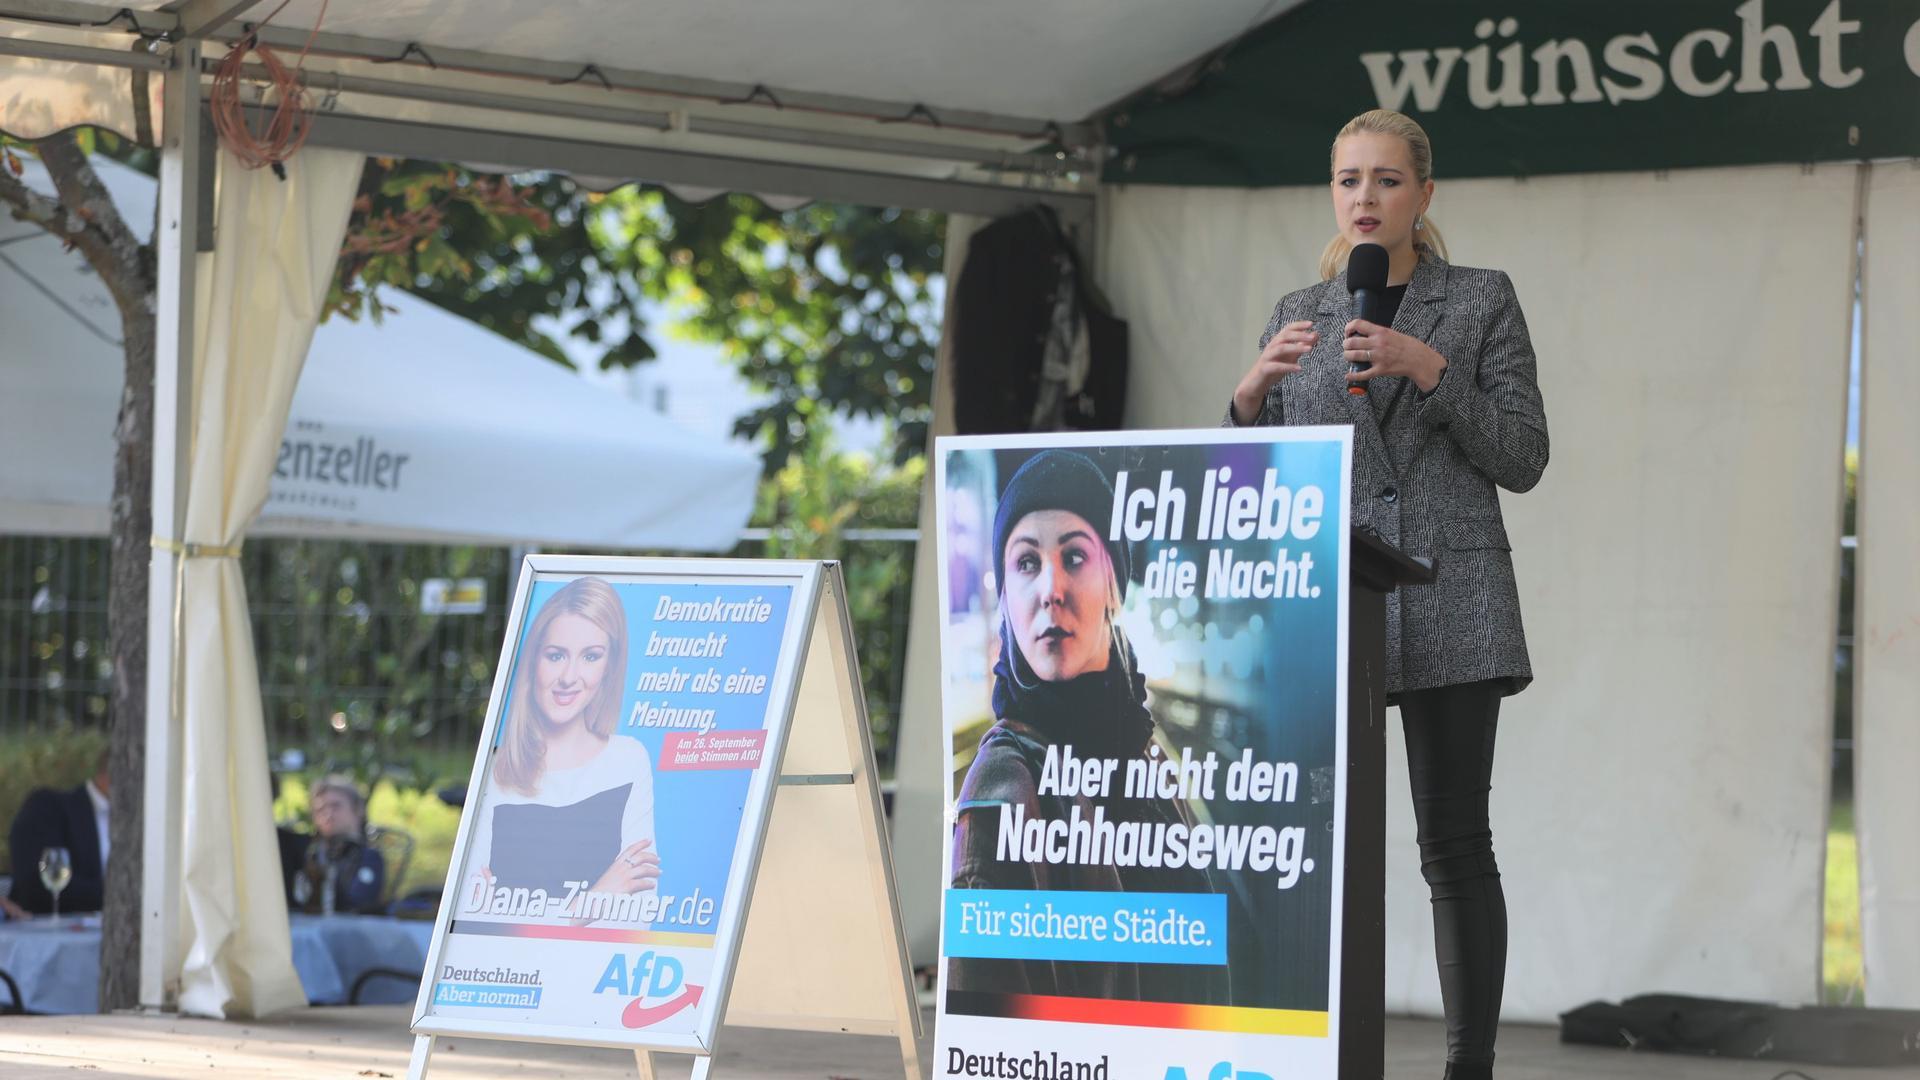 Die Pforzheimer AfD-Direktkandidatin Diana Zimmer spricht bei einer Wahlkampfveranstaltung im Enzauenpark.